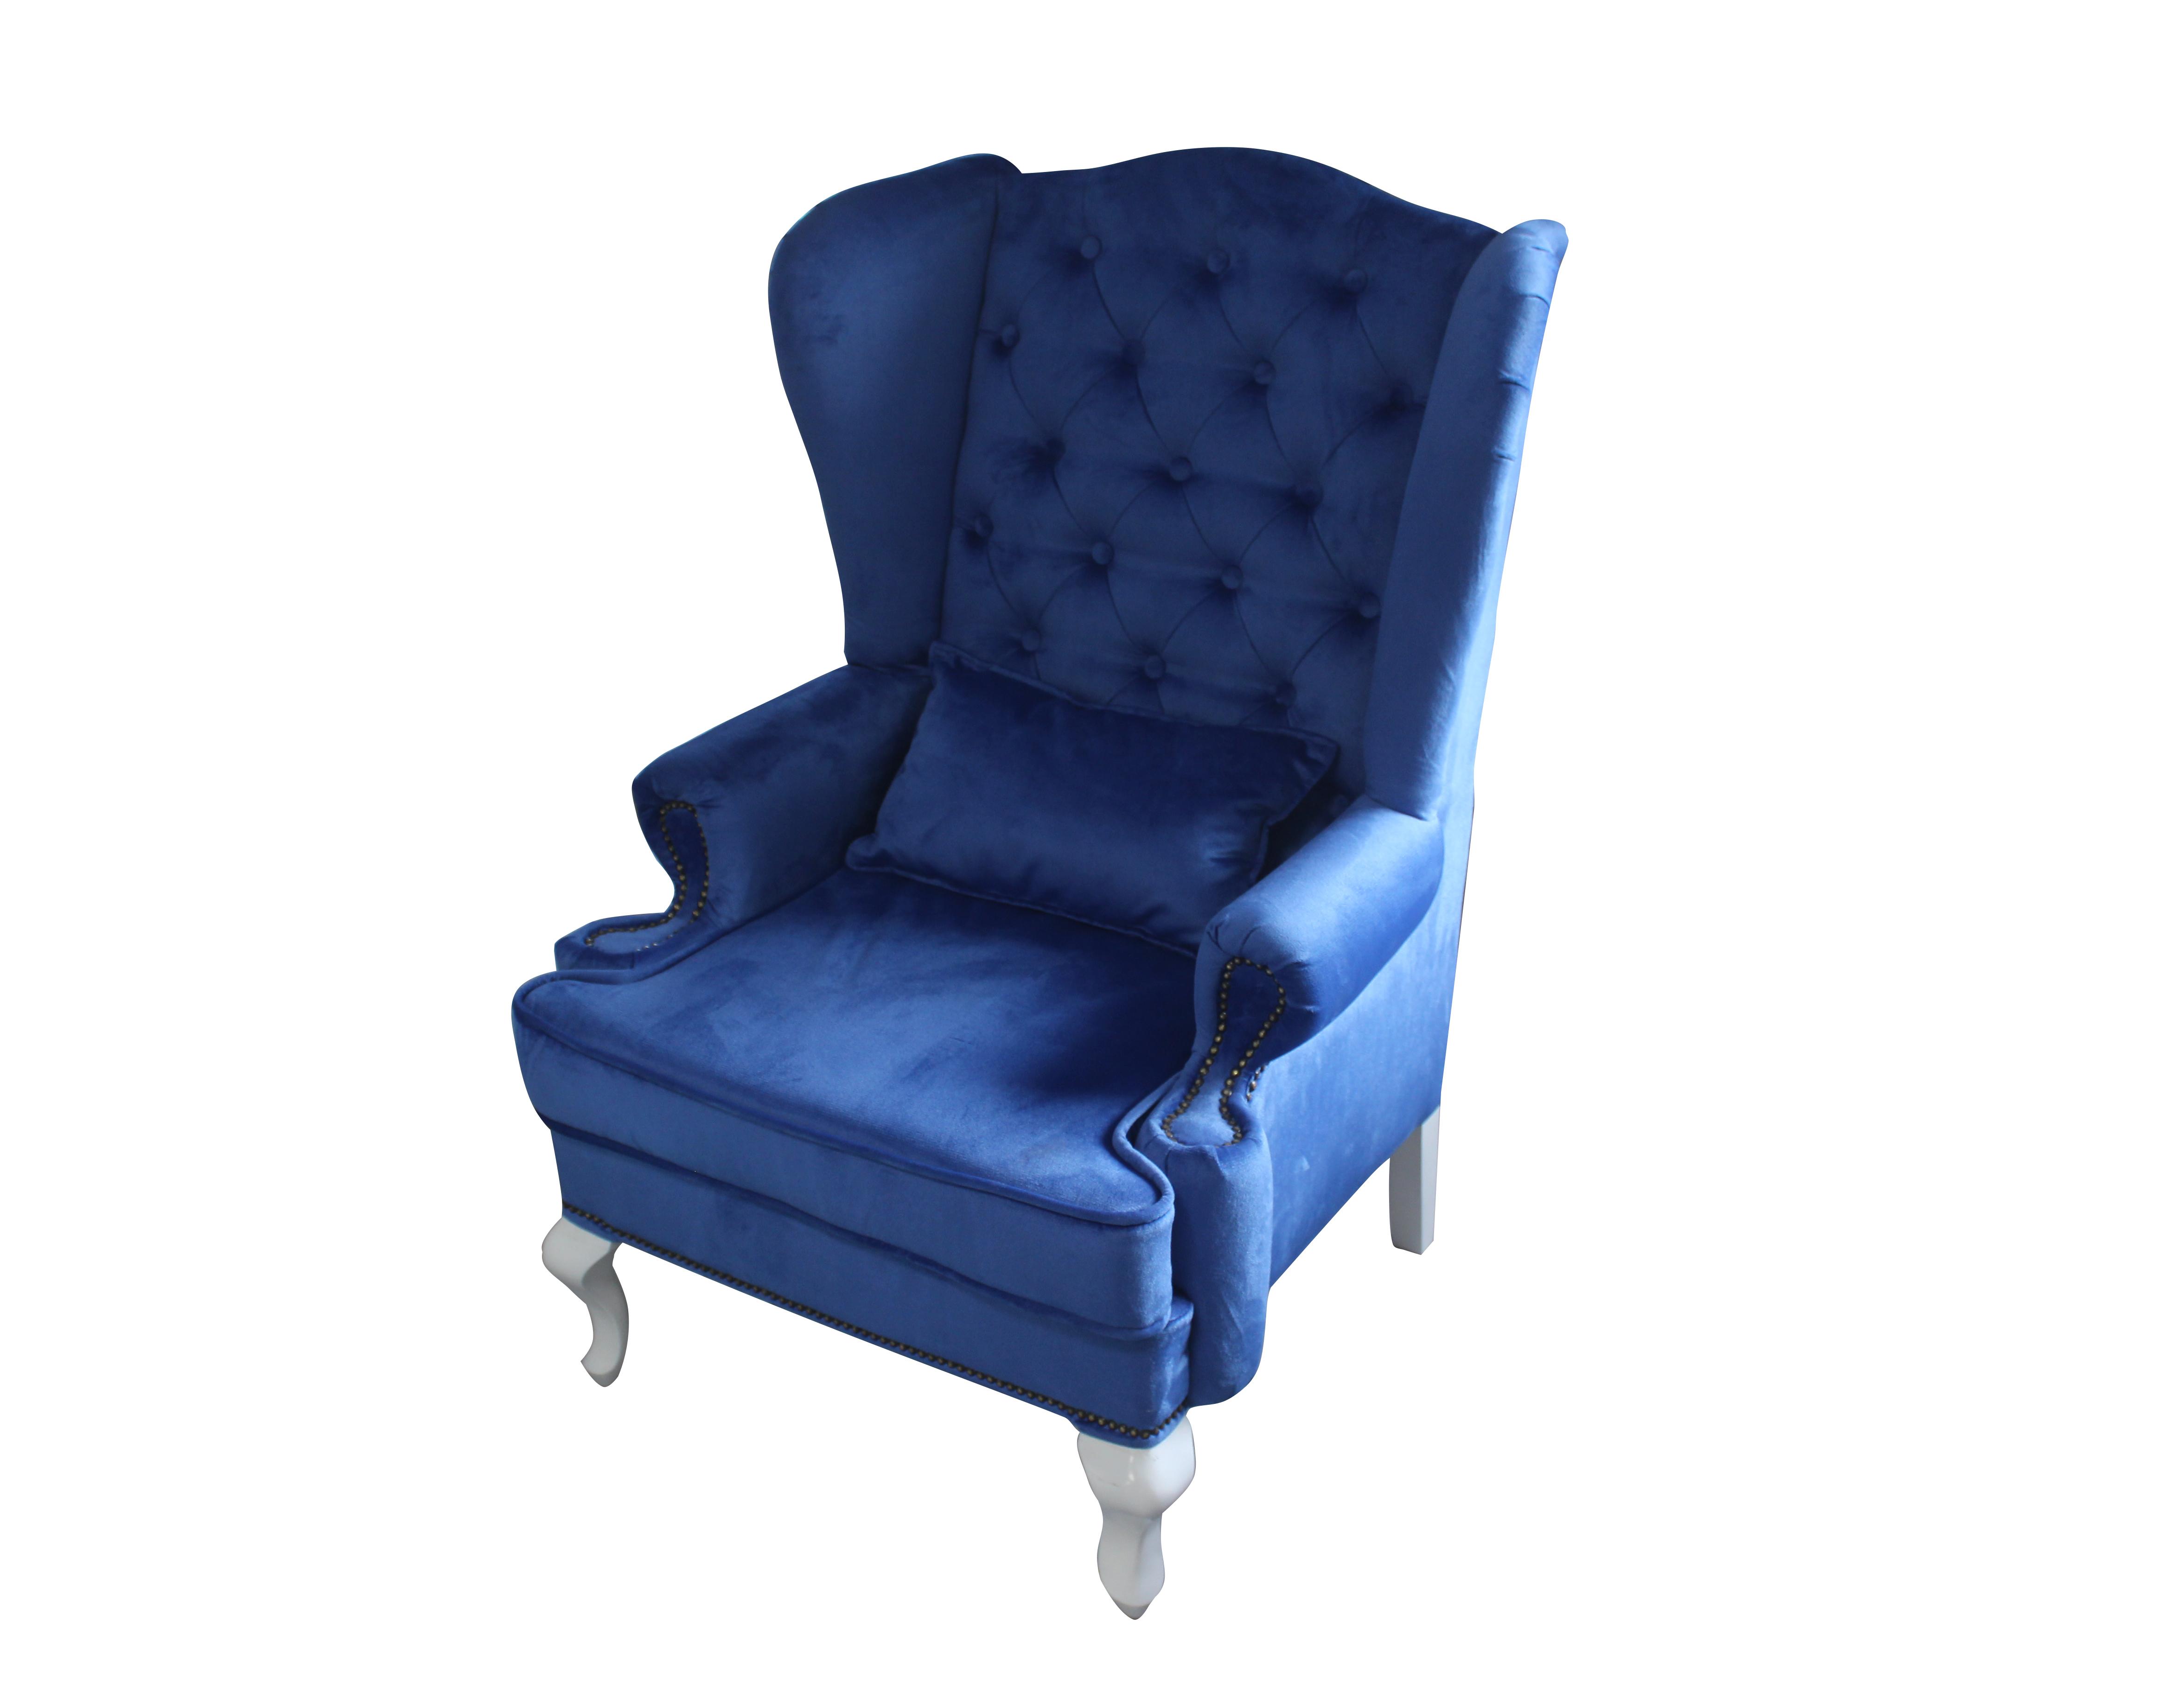 Каминное кресло Скотленд - Акция Велюр — Каминное кресло Скотленд